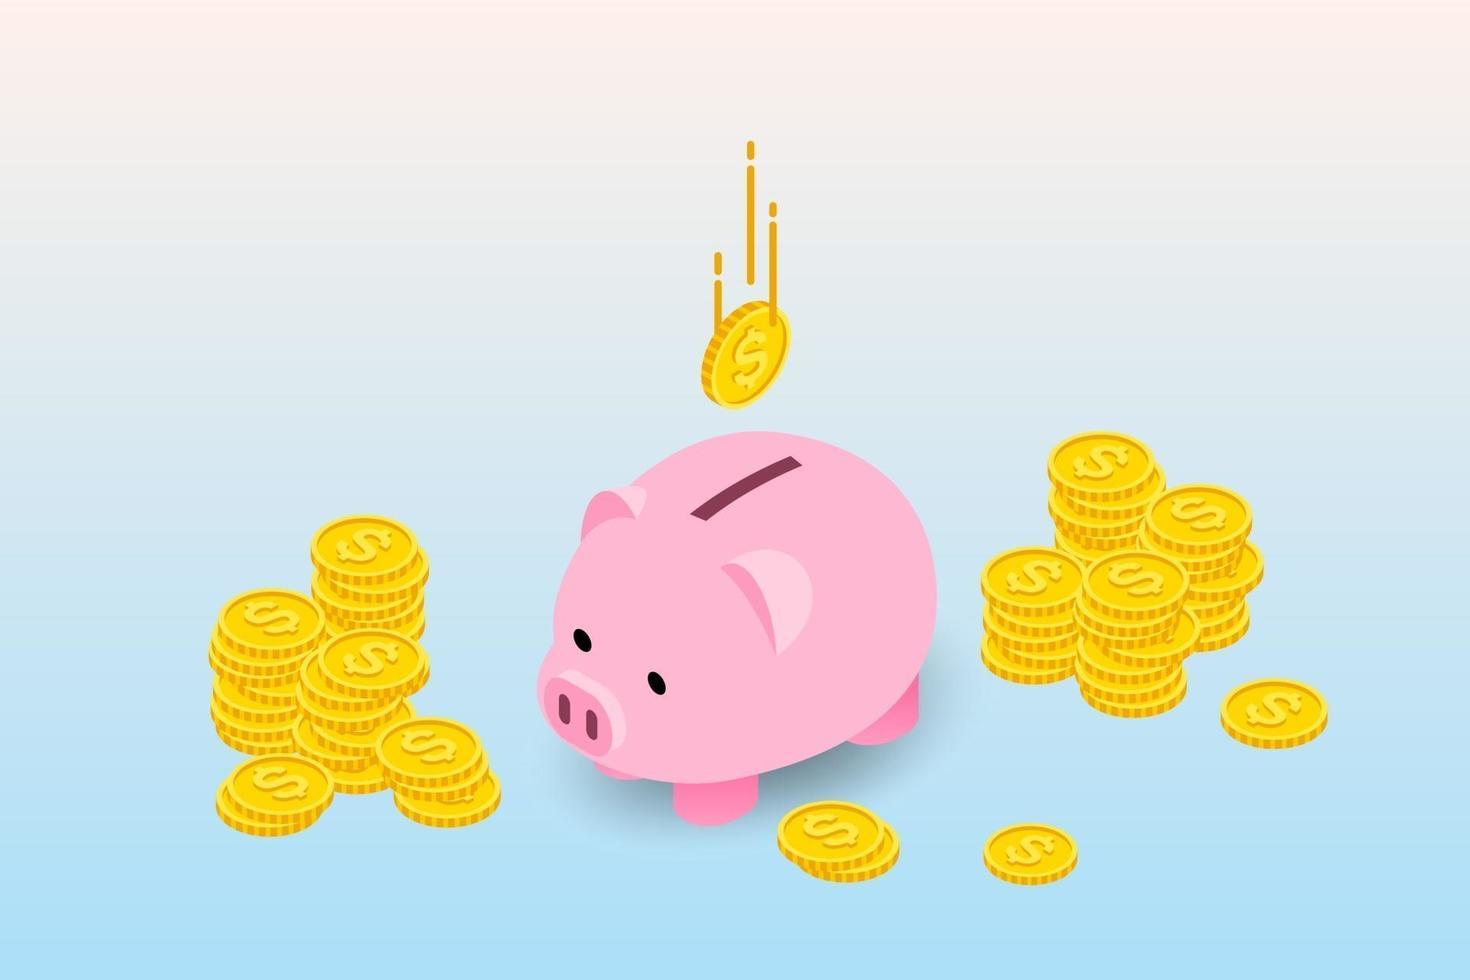 desenho isométrico de cofrinho com moedas e moedas caindo. o conceito de coleta de dinheiro, depósito para futuro investimento em instituição financeira. vetor